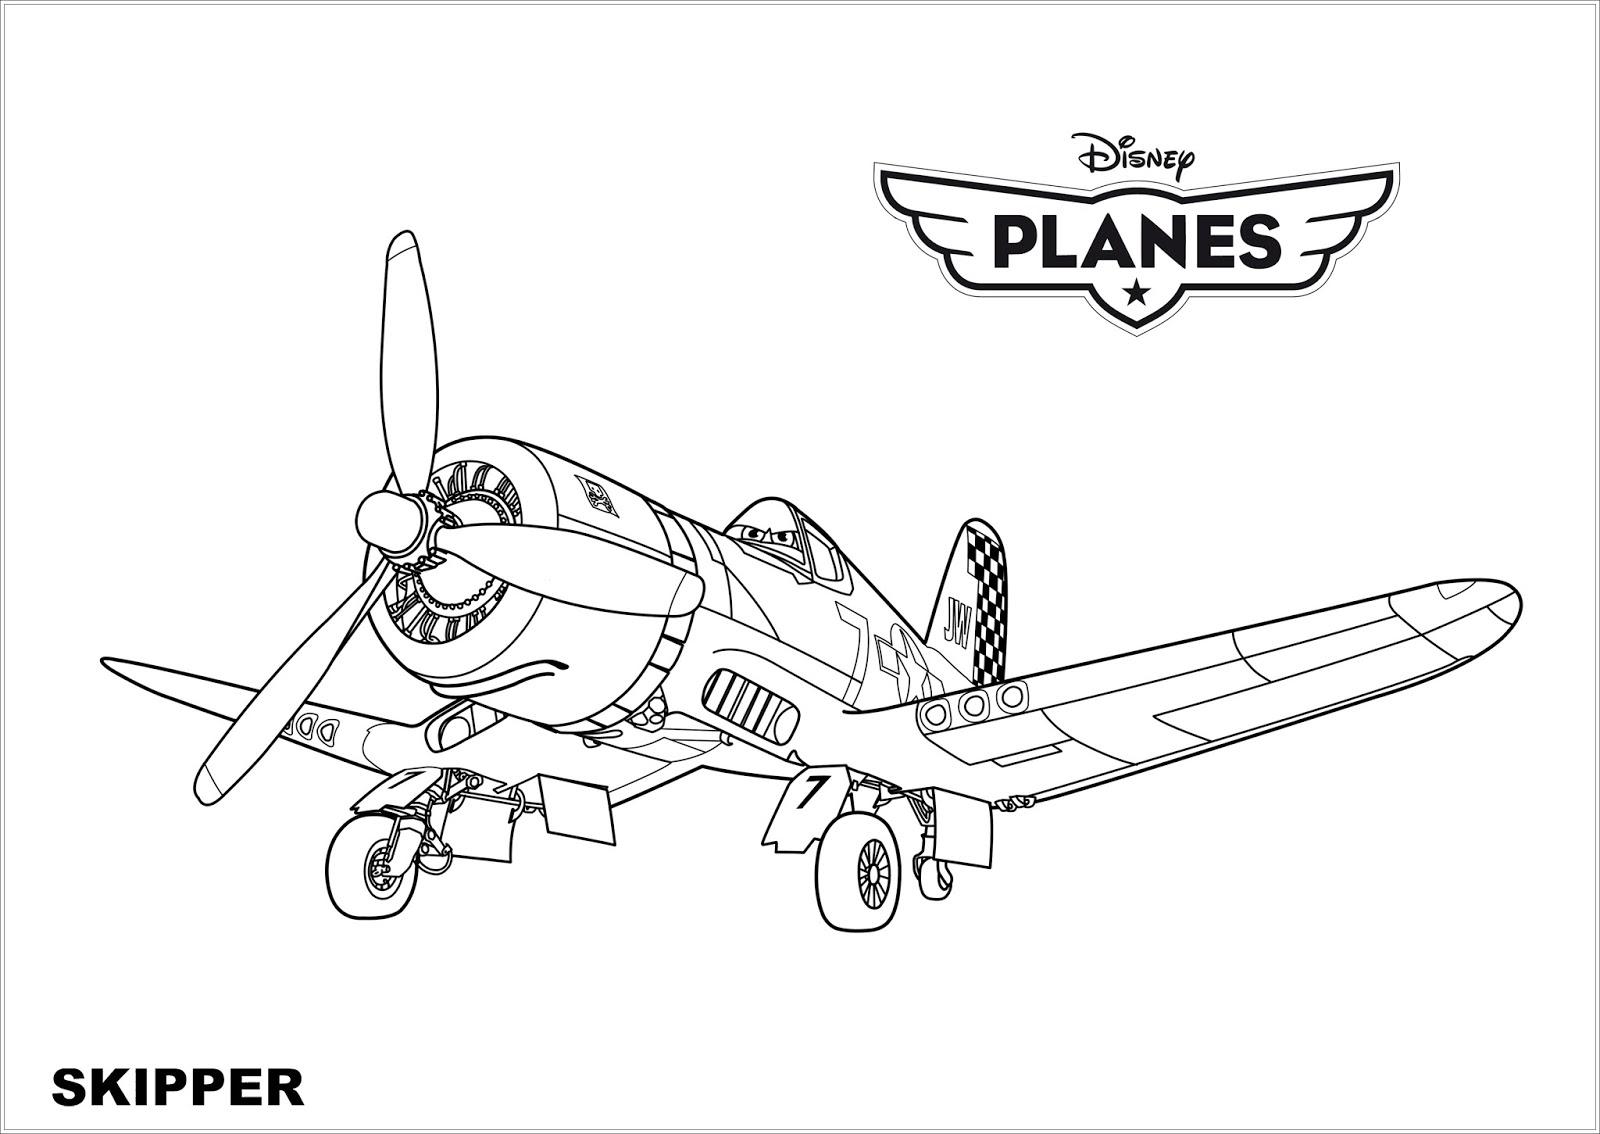 Ausmalbilder Zum Ausdrucken Kostenlos Disney : Ausmalbilder Deutschland Ausmalbilder Planes Disney Zum Drucken